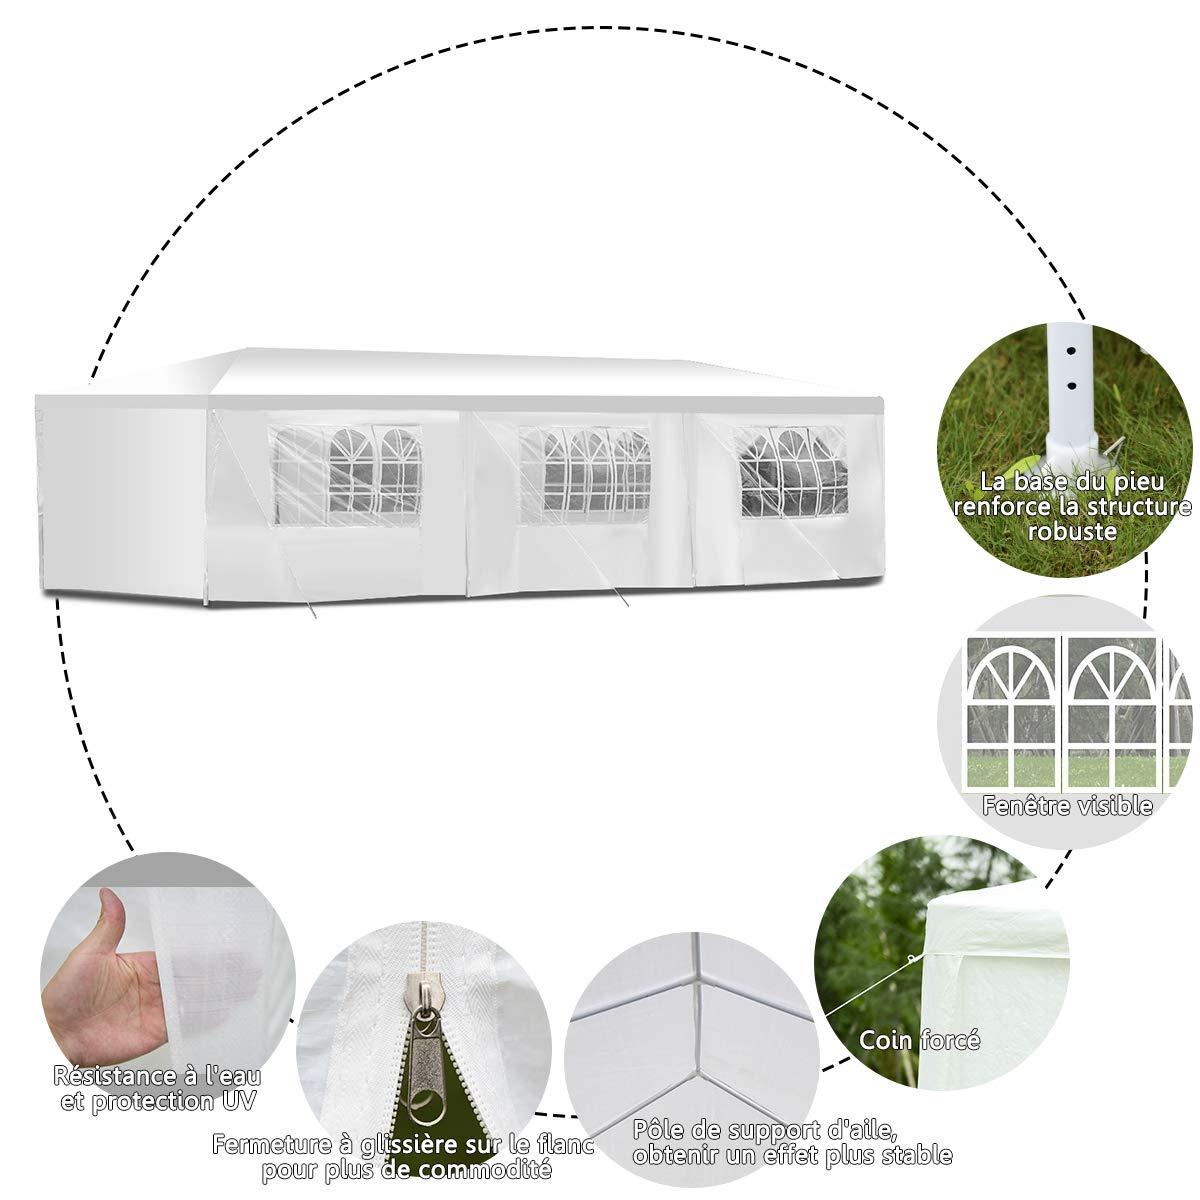 vengaconmigo Tonnelle de Jardin Tente R/éception Pavillon de Jardin en Tube Acier et PE pour Ext/érieur Dimension 3 x 9 x 2,55 M Blanche 3 x 6 x 2,5M 3 x 9 x 2,5 M 3 x 6 x 2,5 M